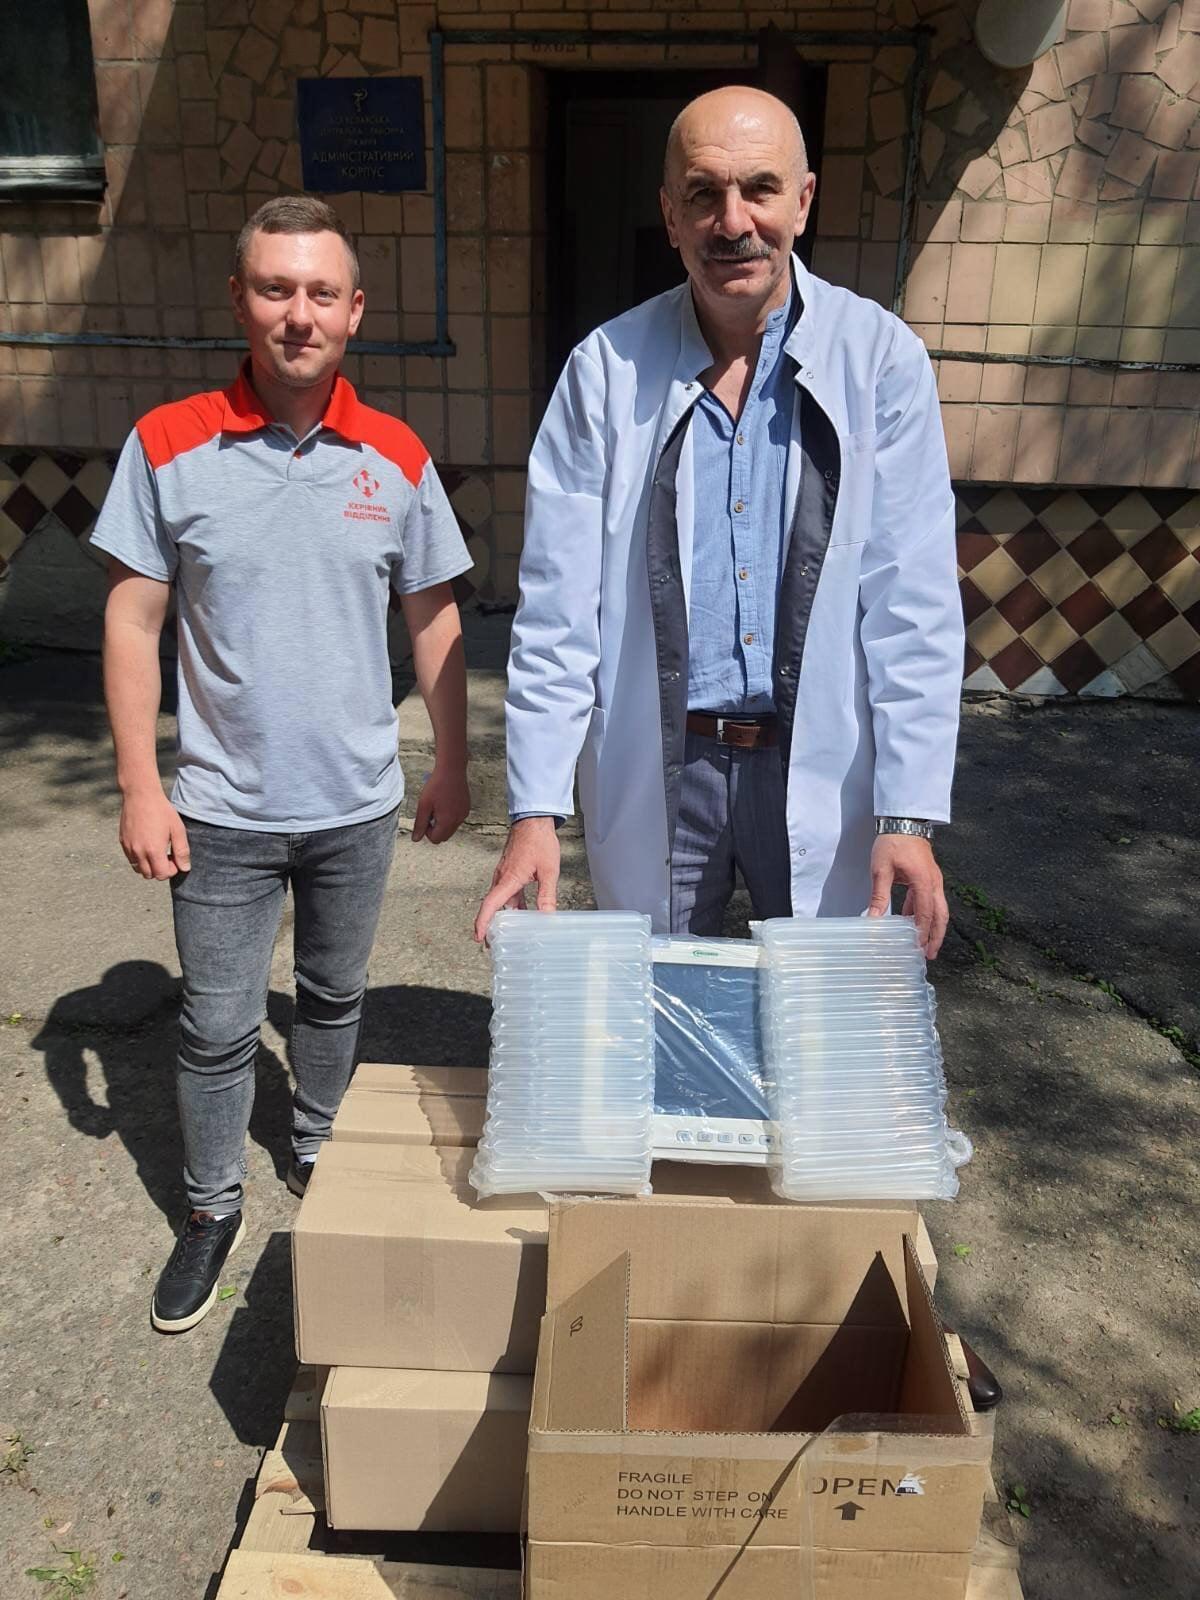 Богуславська лікарня отримала обладнання від Нової Пошти